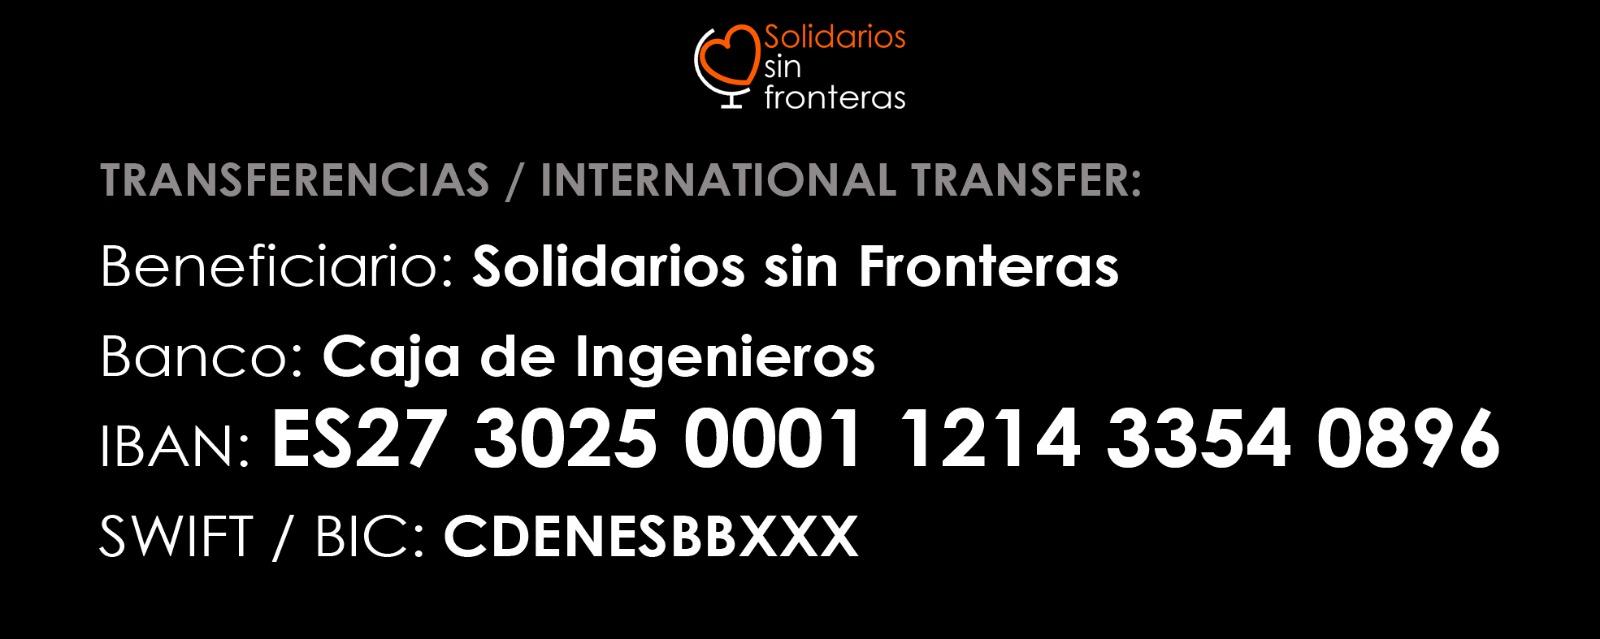 Haz tu donación a Solidarios Sin Fronteras